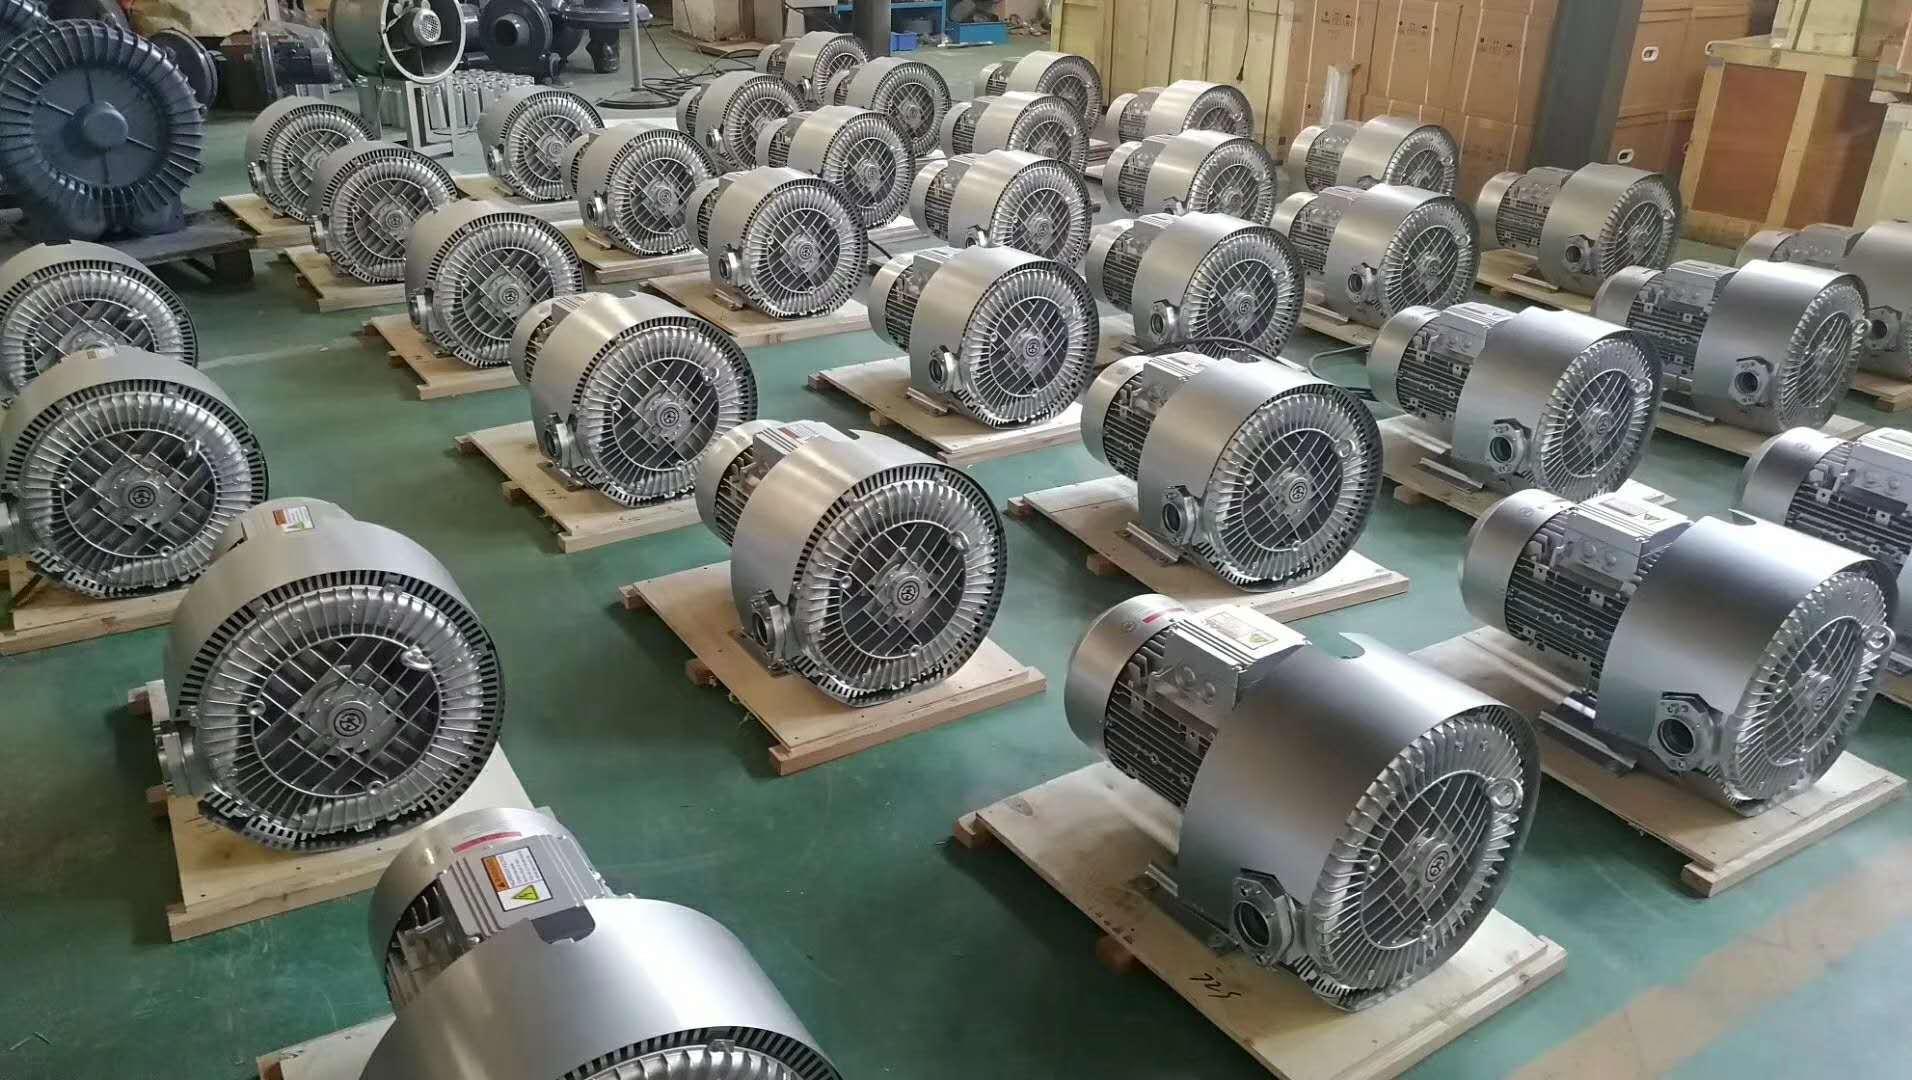 厂家 立式20kw50HZ漩涡气泵  型号LYX-94S-2立式高压漩涡气泵 旋涡式气泵示例图13